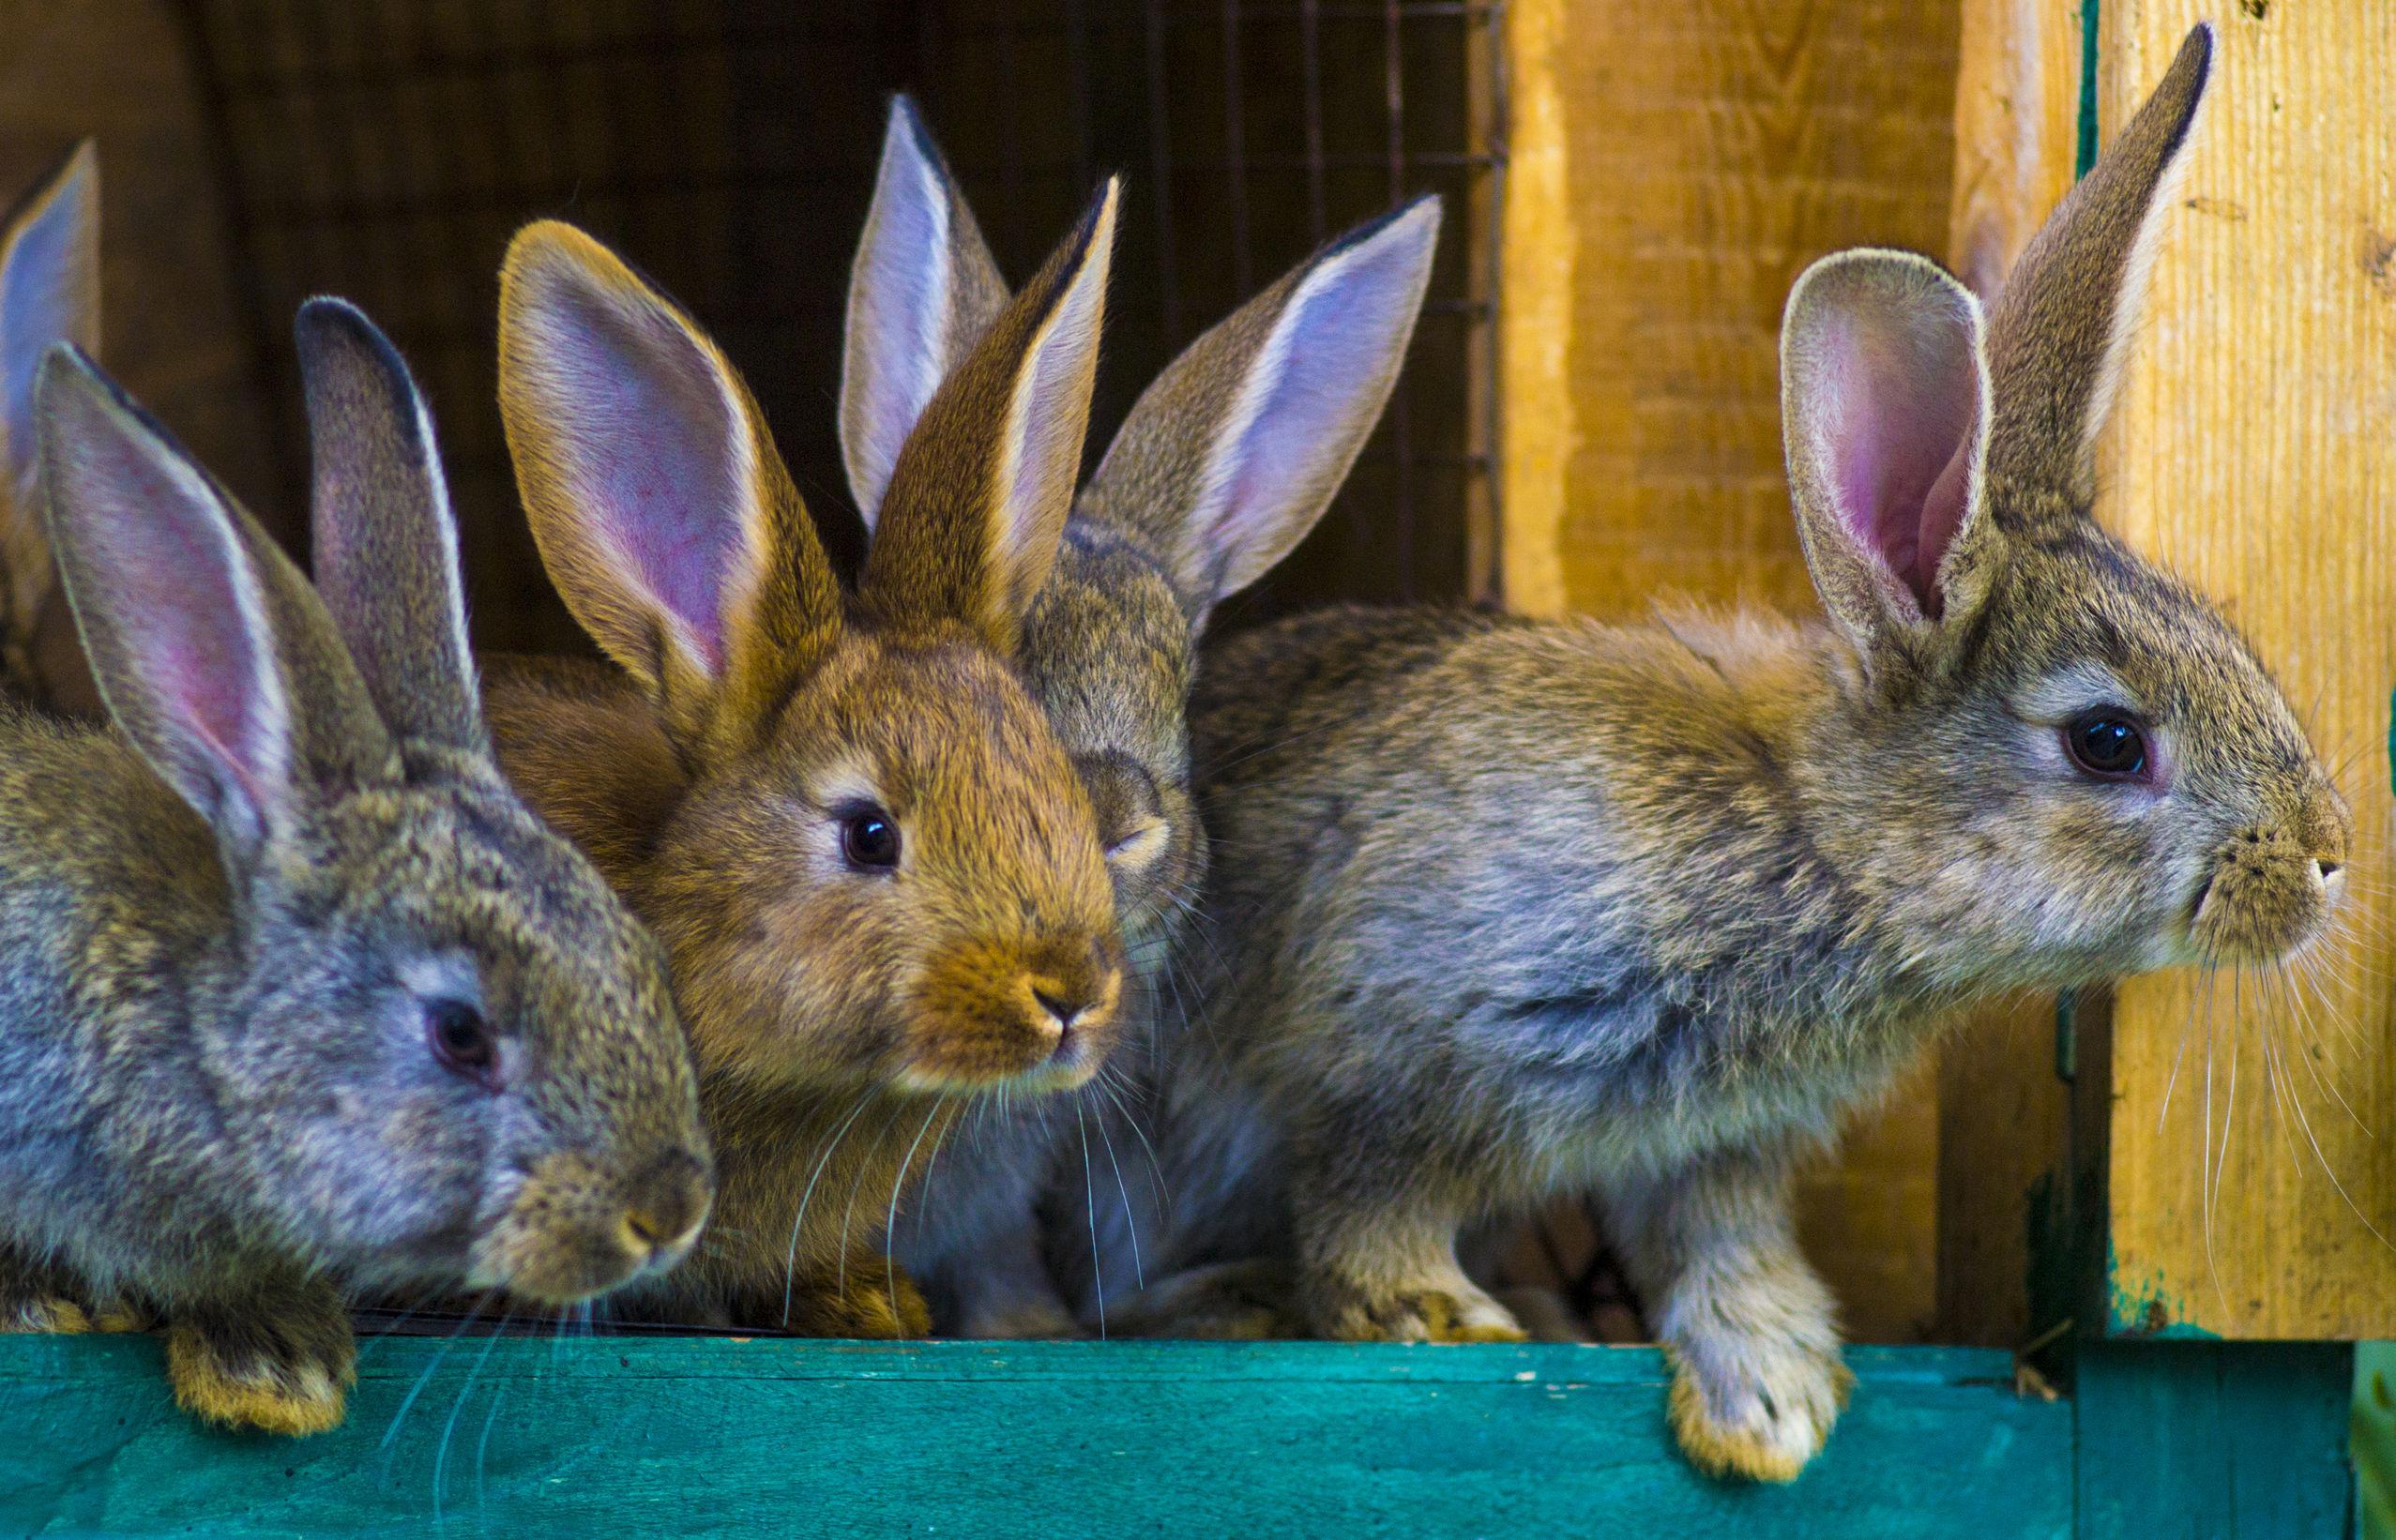 Juguetes para conejo: ¿Cuál es el mejor del 2020?